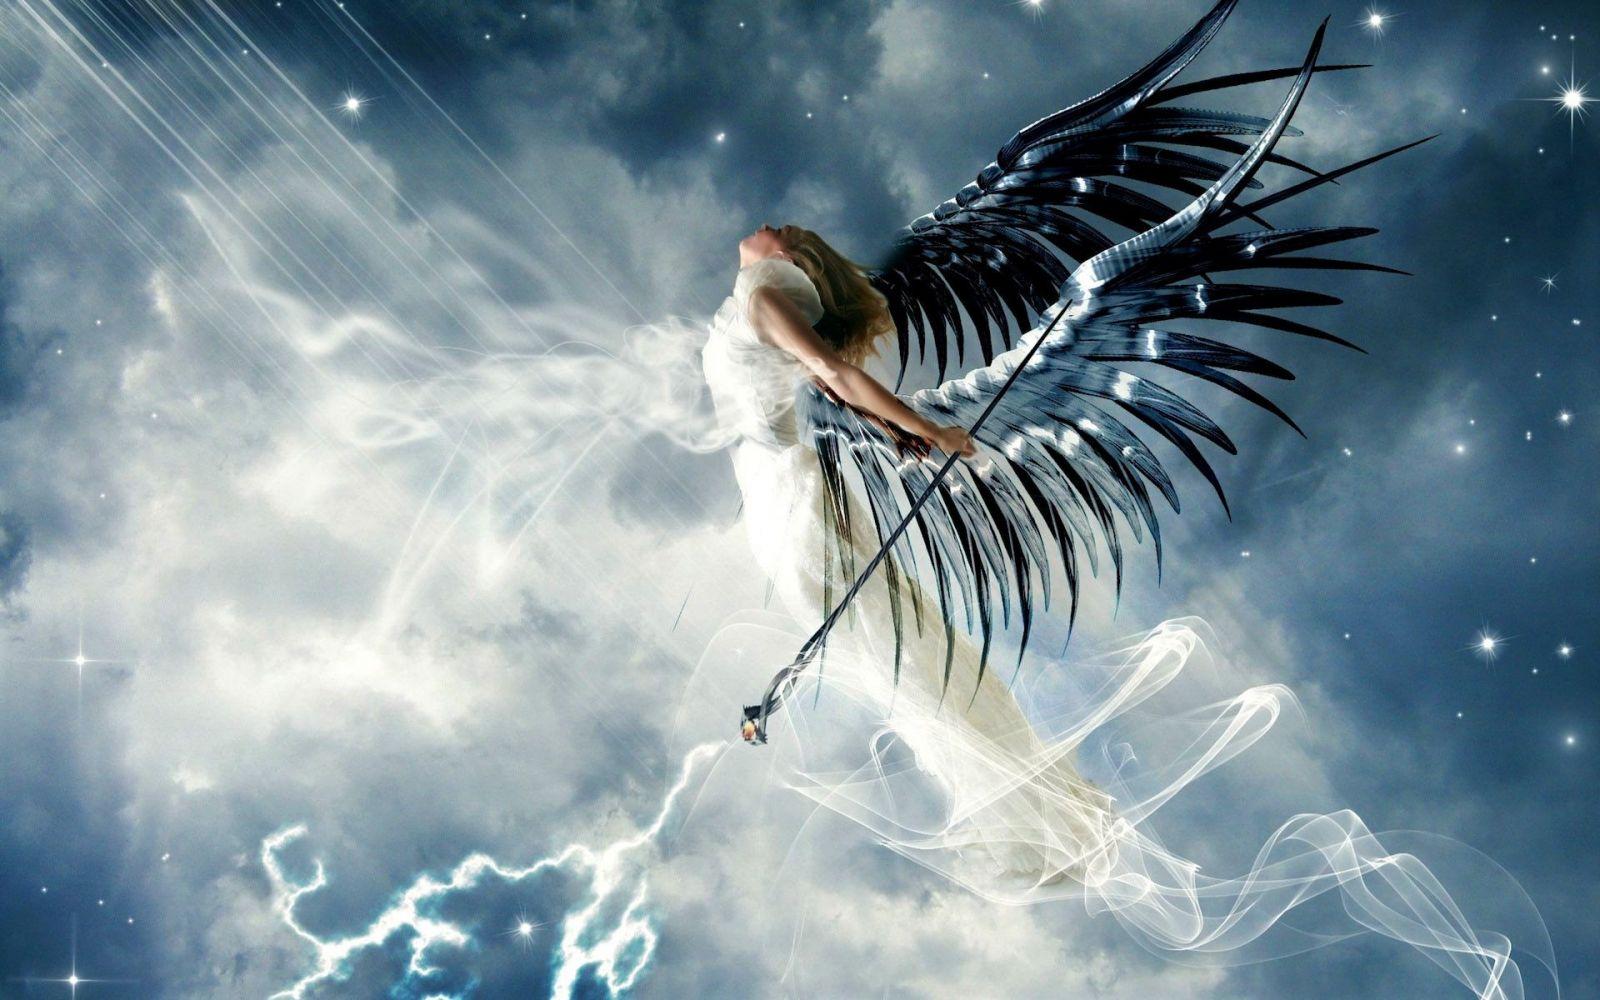 ангел упал картинки чудесные